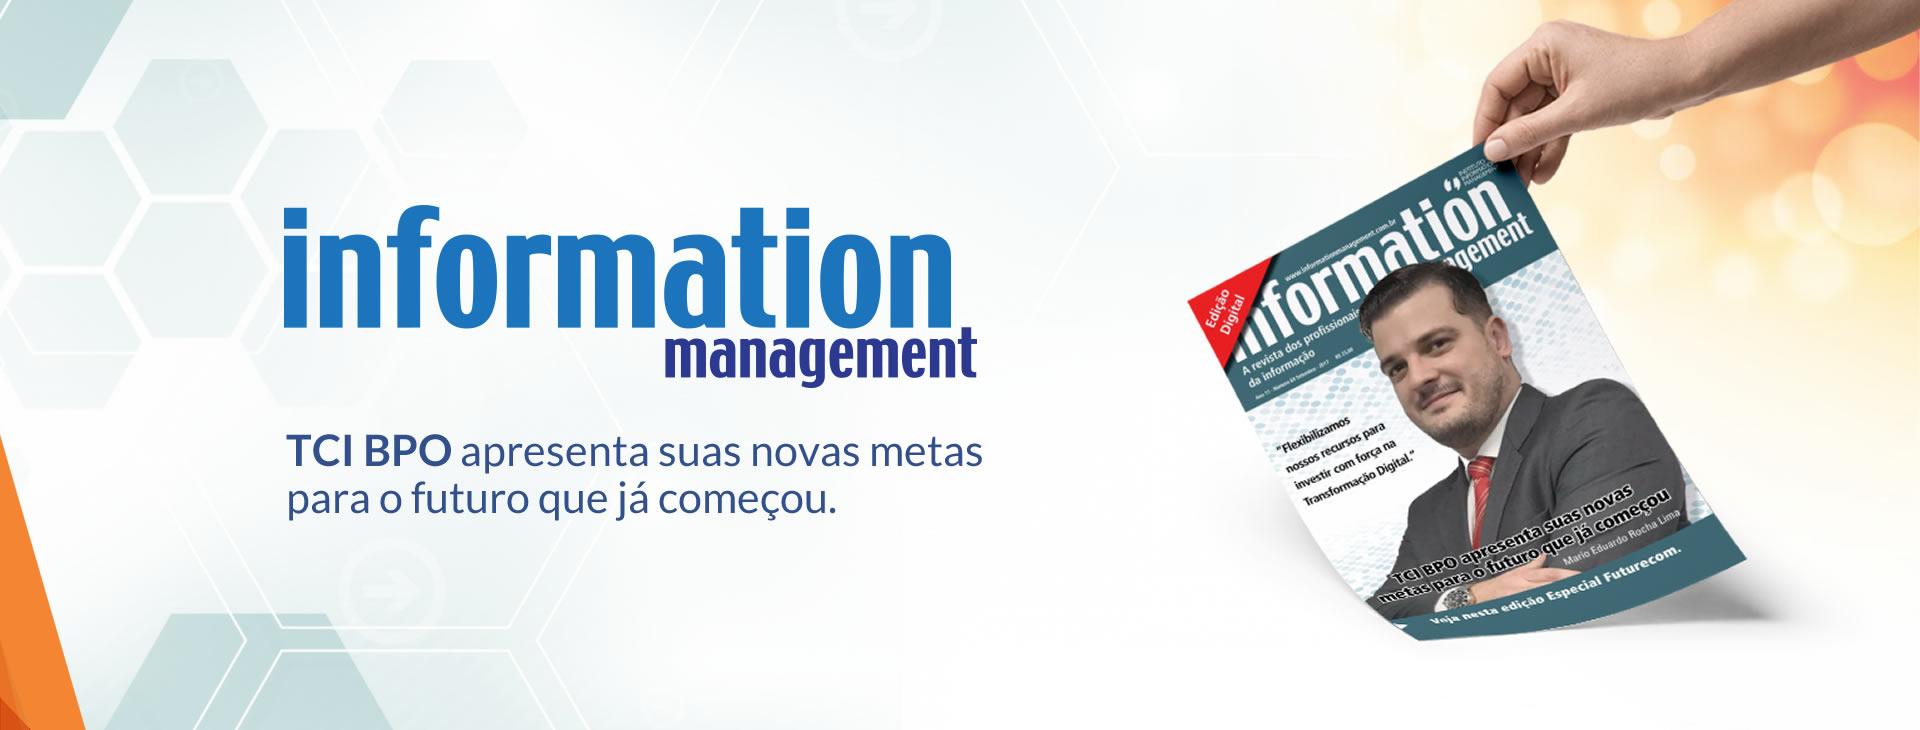 Revista Information